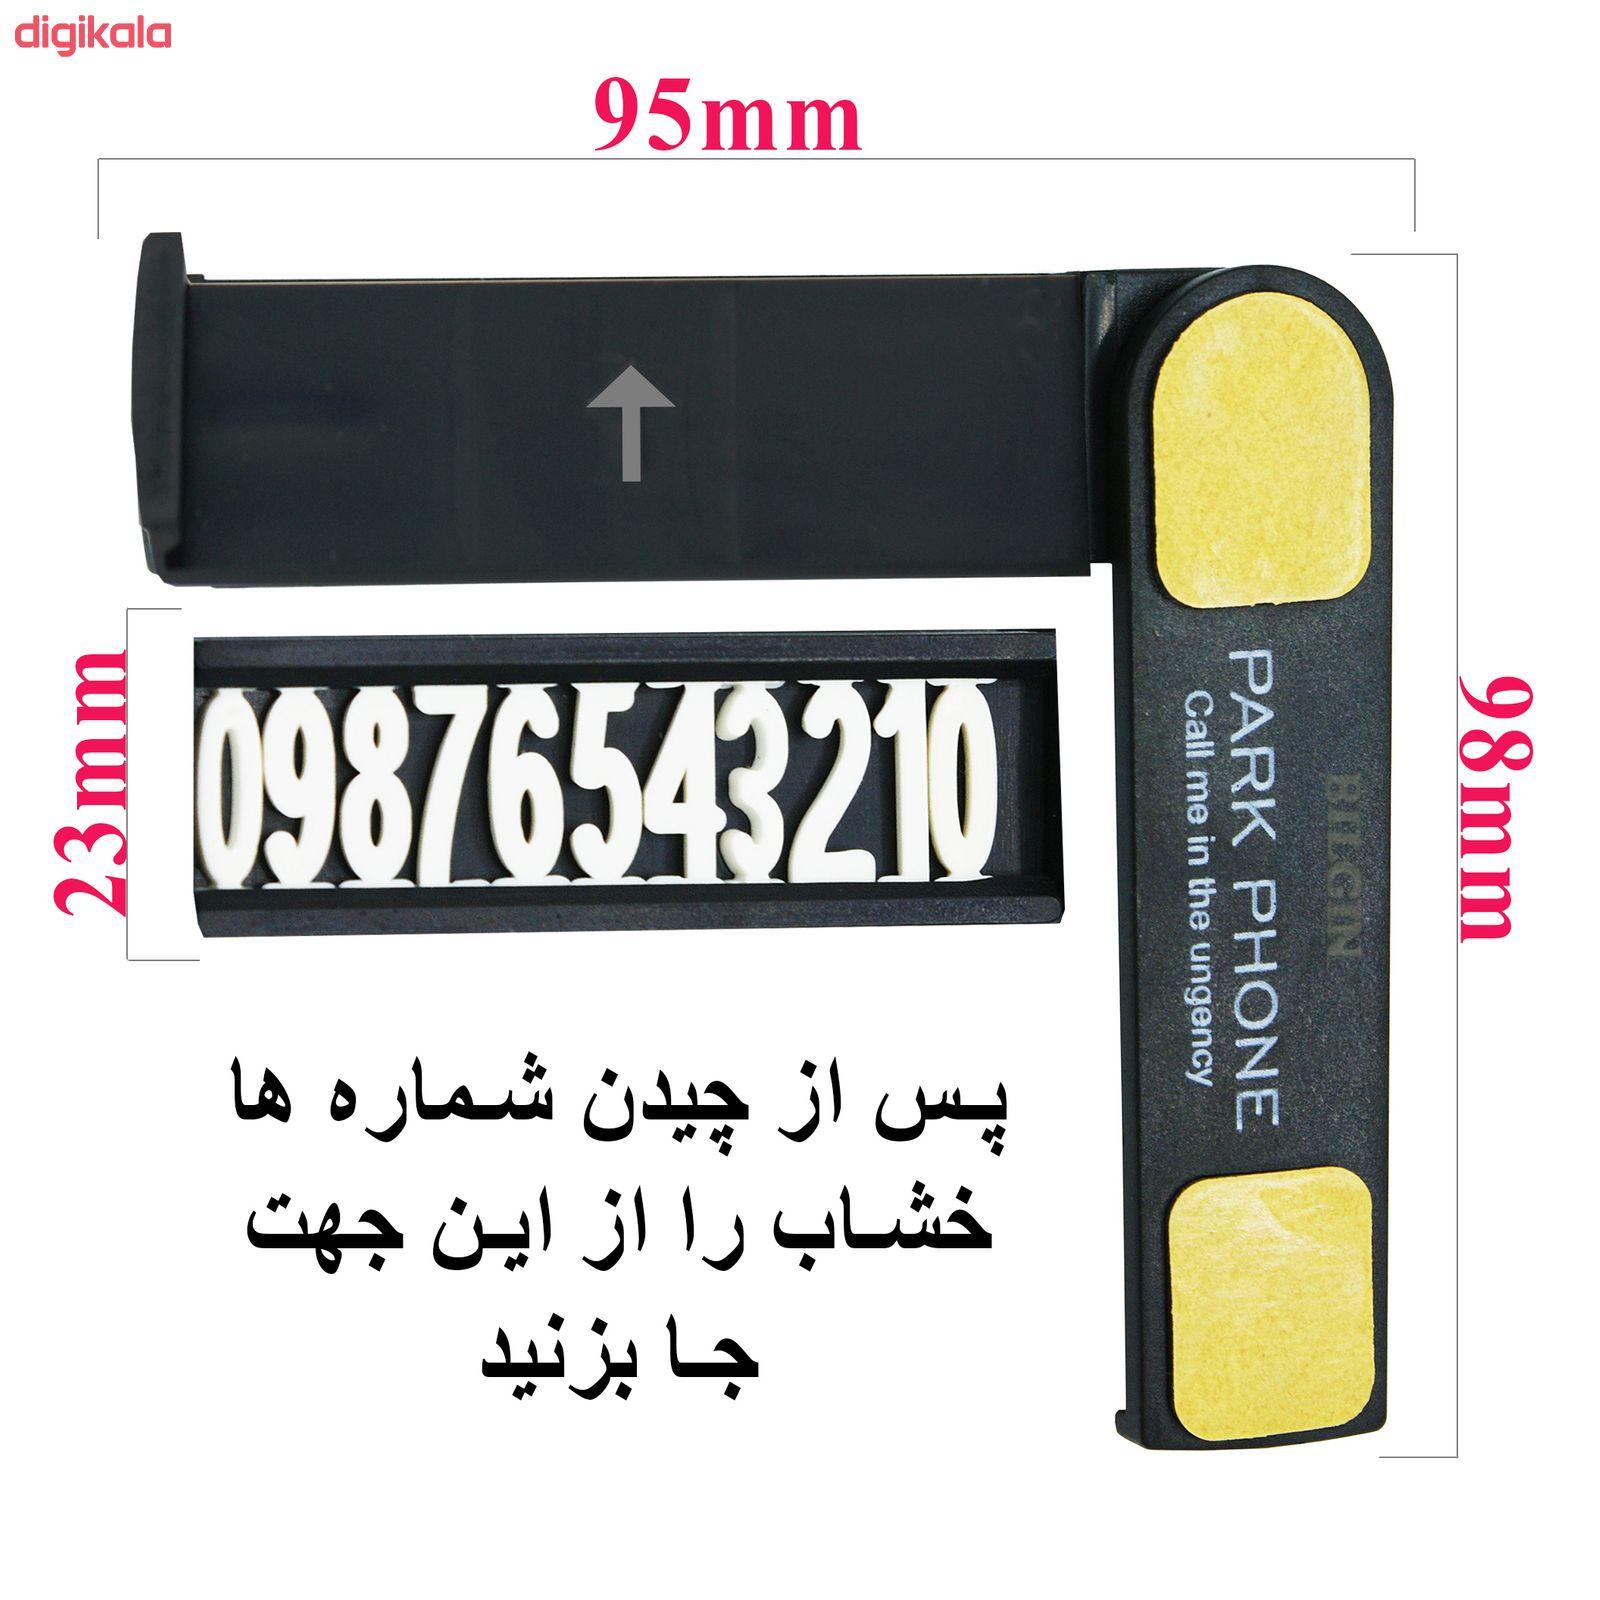 شماره تلفن مخصوص پارک خودرو بیلگین مدل KH-4n main 1 5